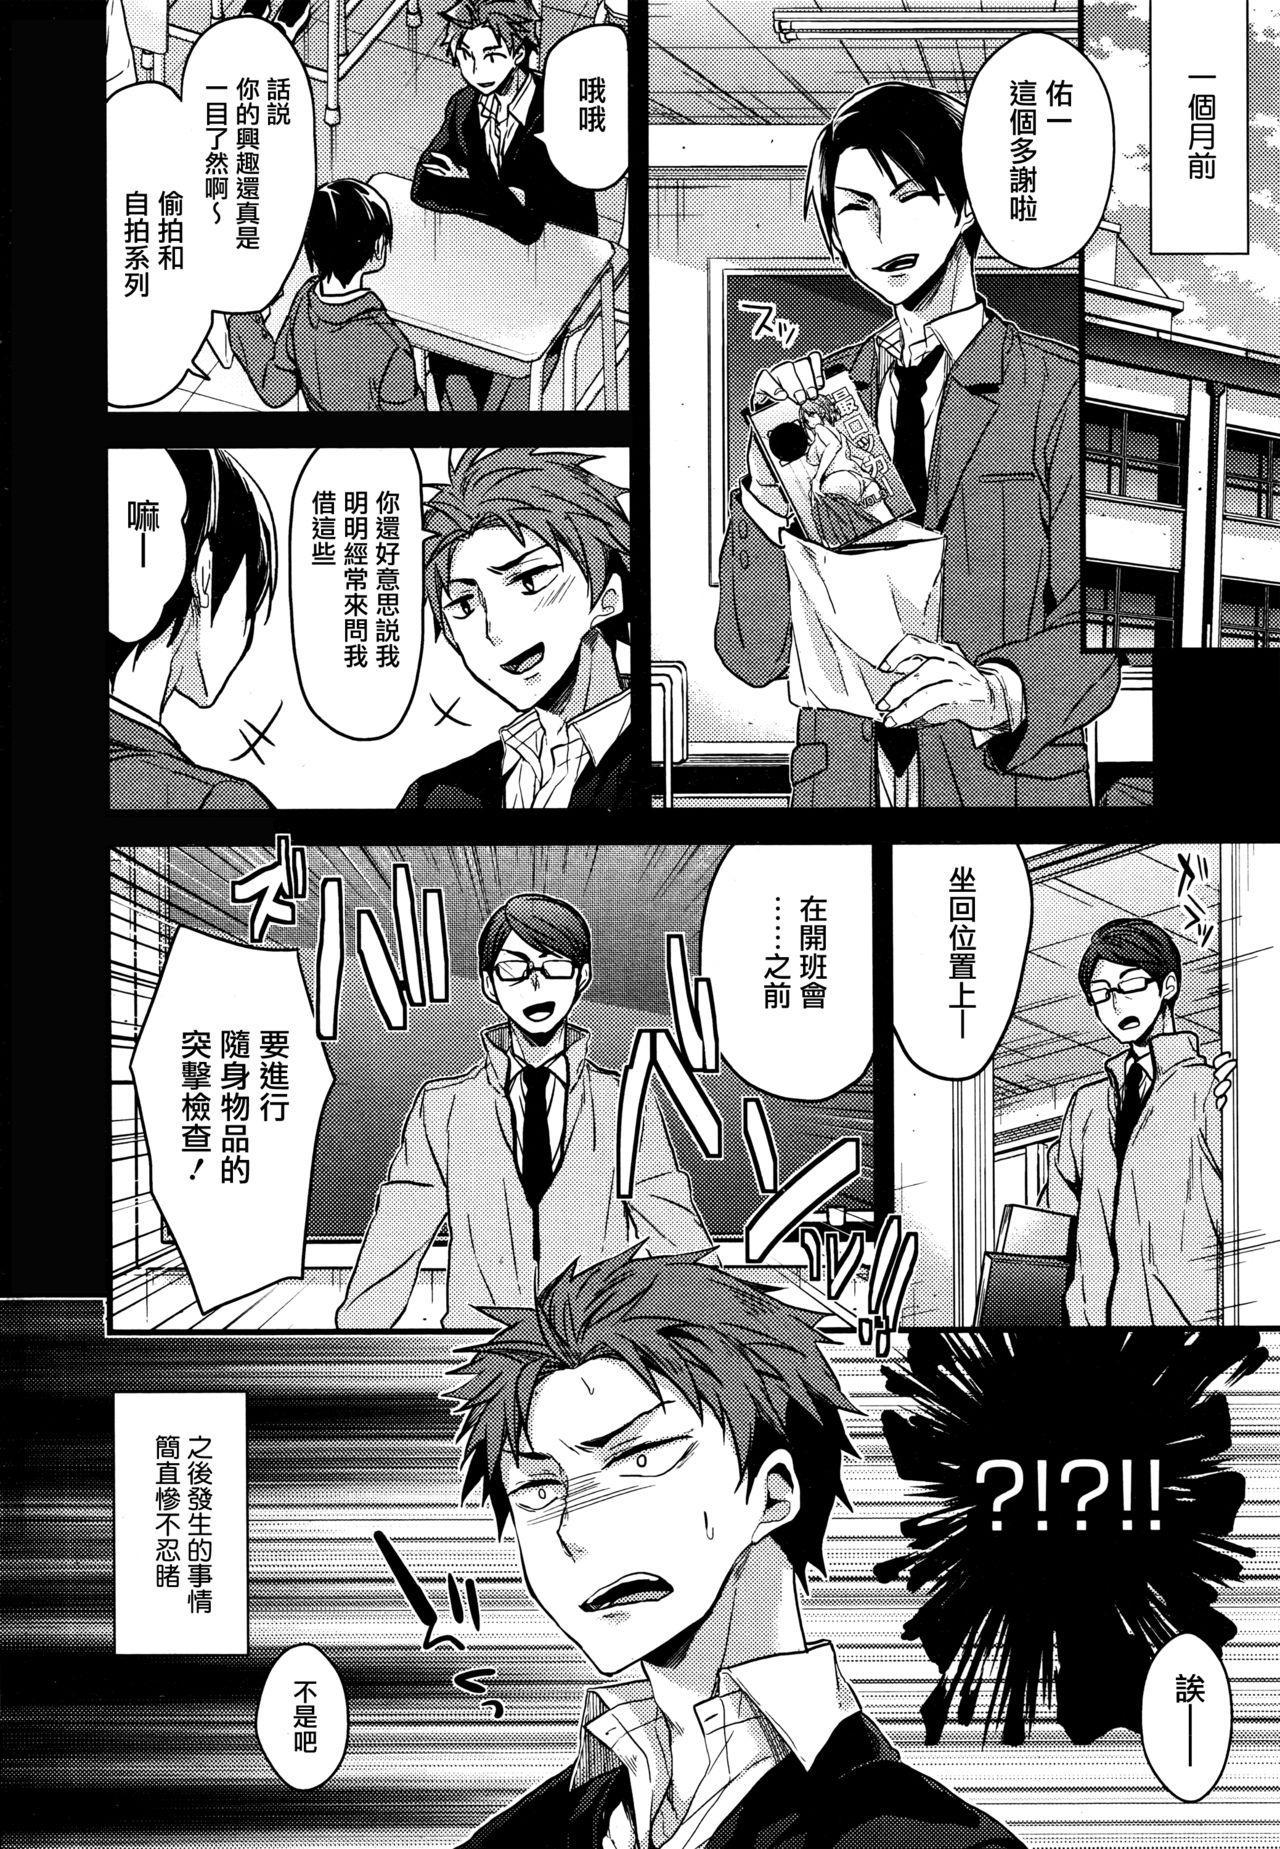 Futari no Naisho no ××× 3